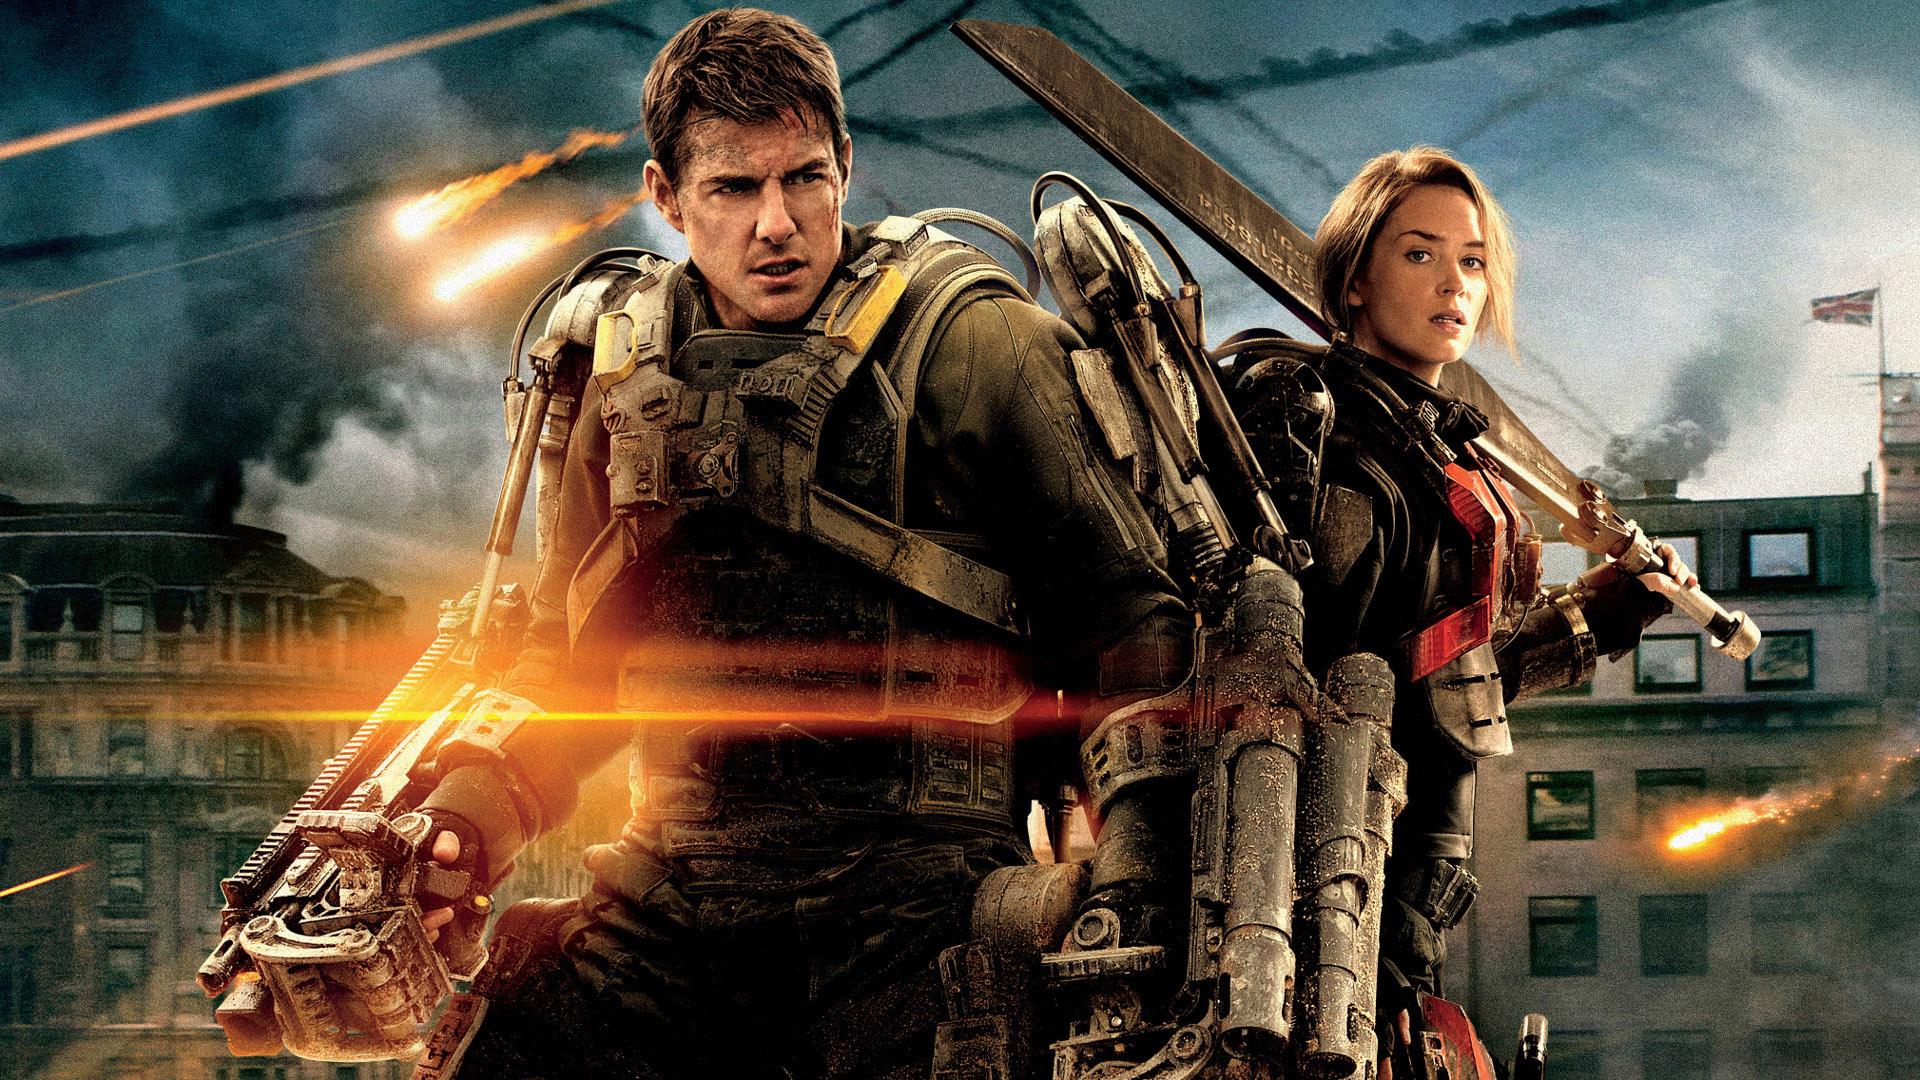 Fondos De Pantalla De Famosos: Fondos De Pantalla De Tom Cruise, Wallpapers